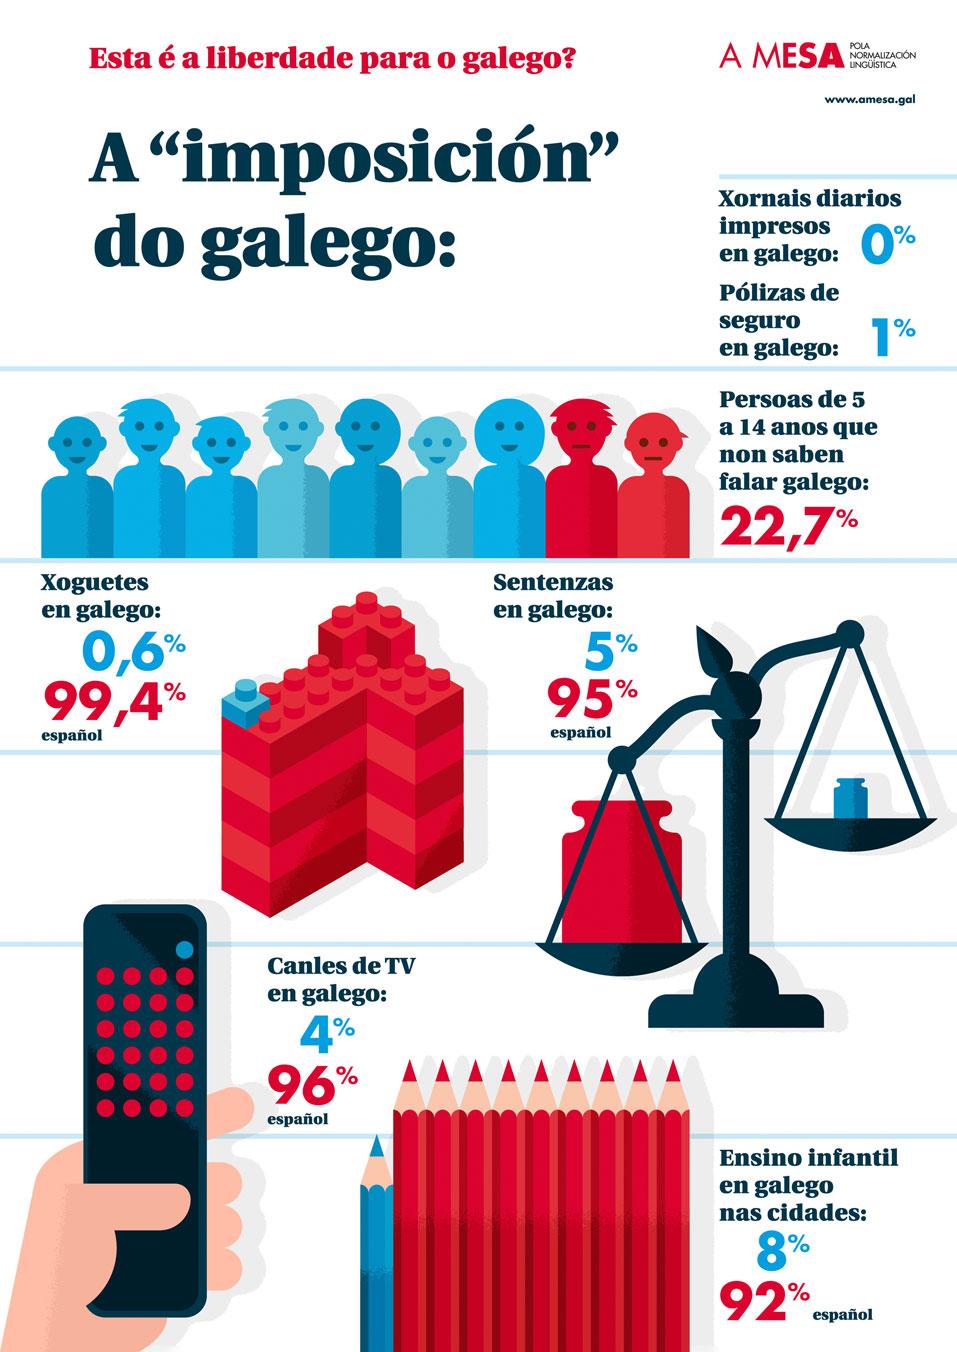 Esta é a liberdade para o galego?